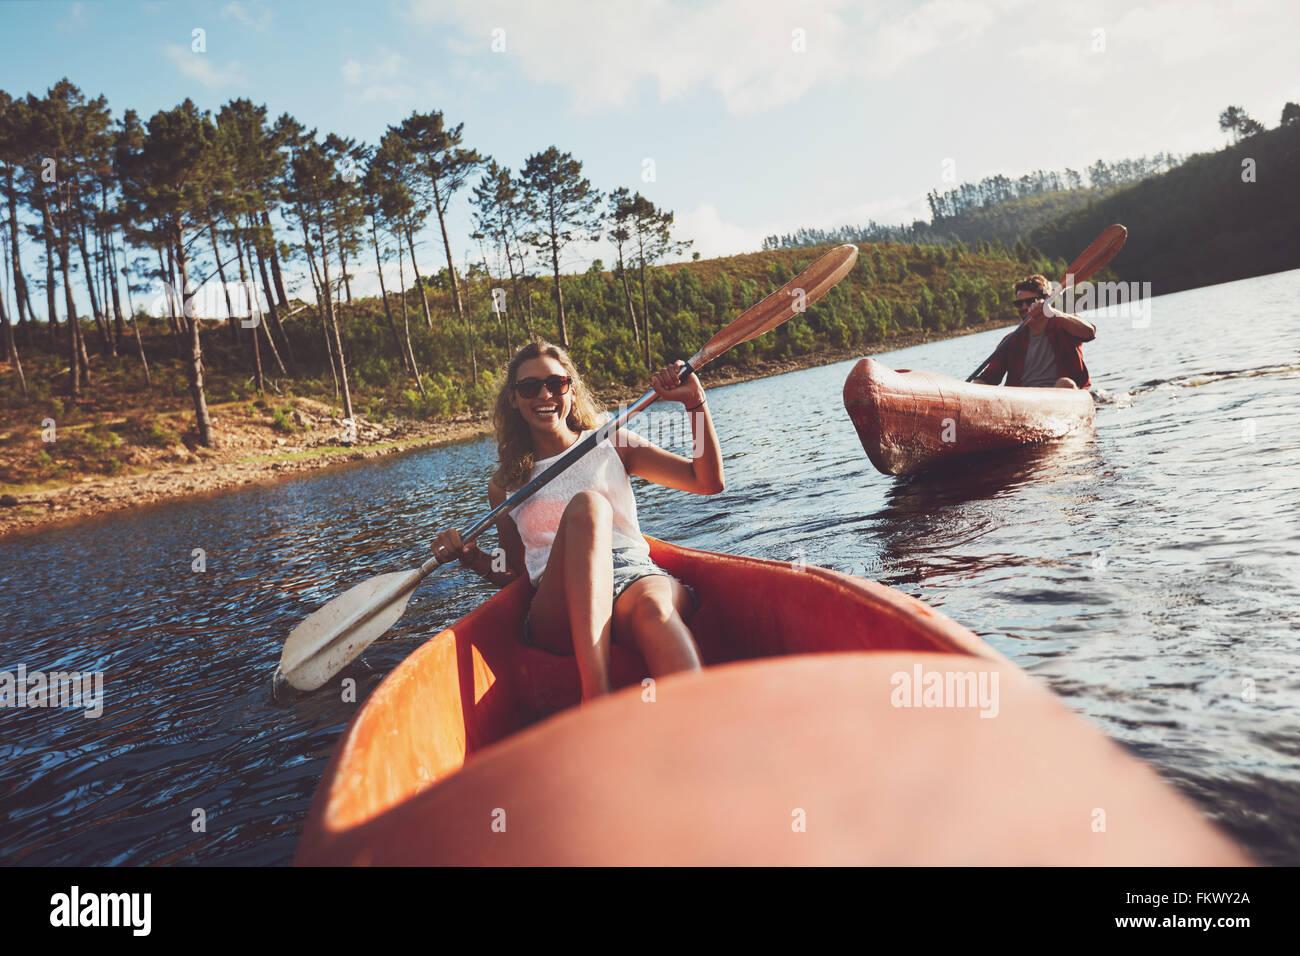 Los jóvenes en kayak en un lago. Mujer sonriente con un hombre kayakistas remando kayak en el fondo. Imagen De Stock